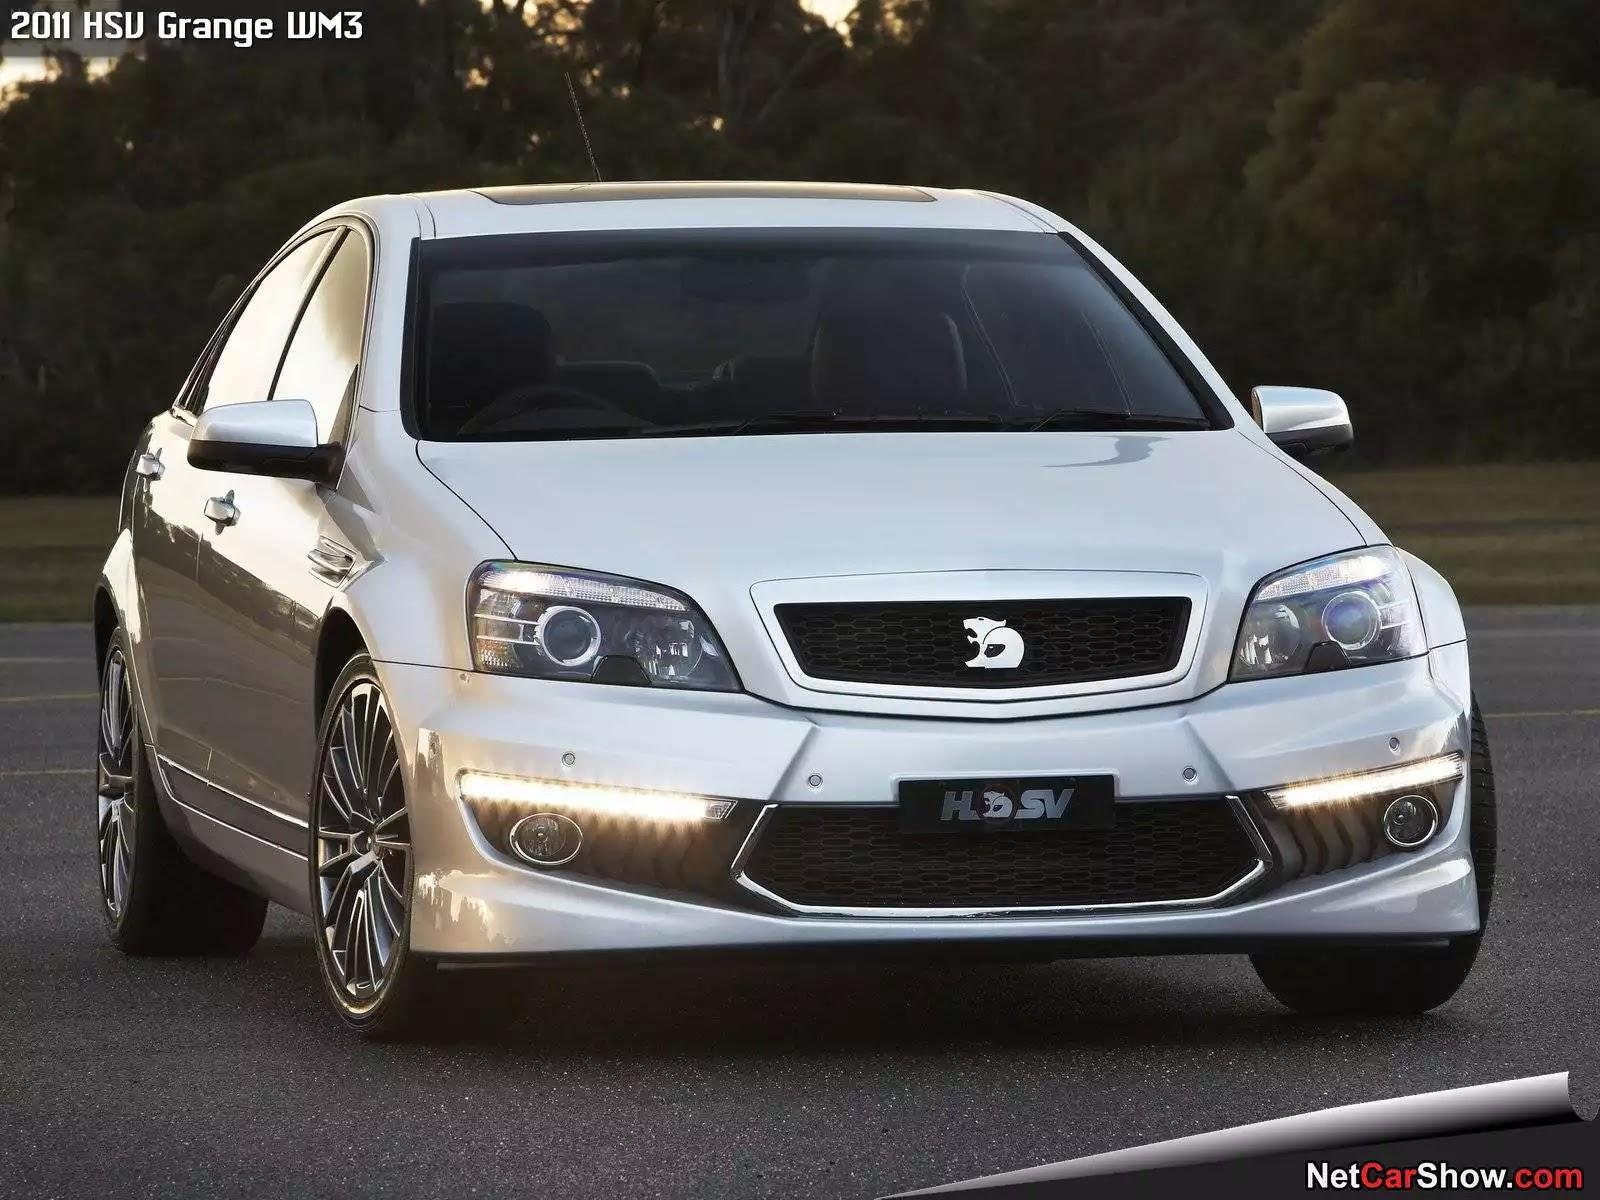 Hình ảnh xe ô tô HSV Grange WM3 2011 & nội ngoại thất